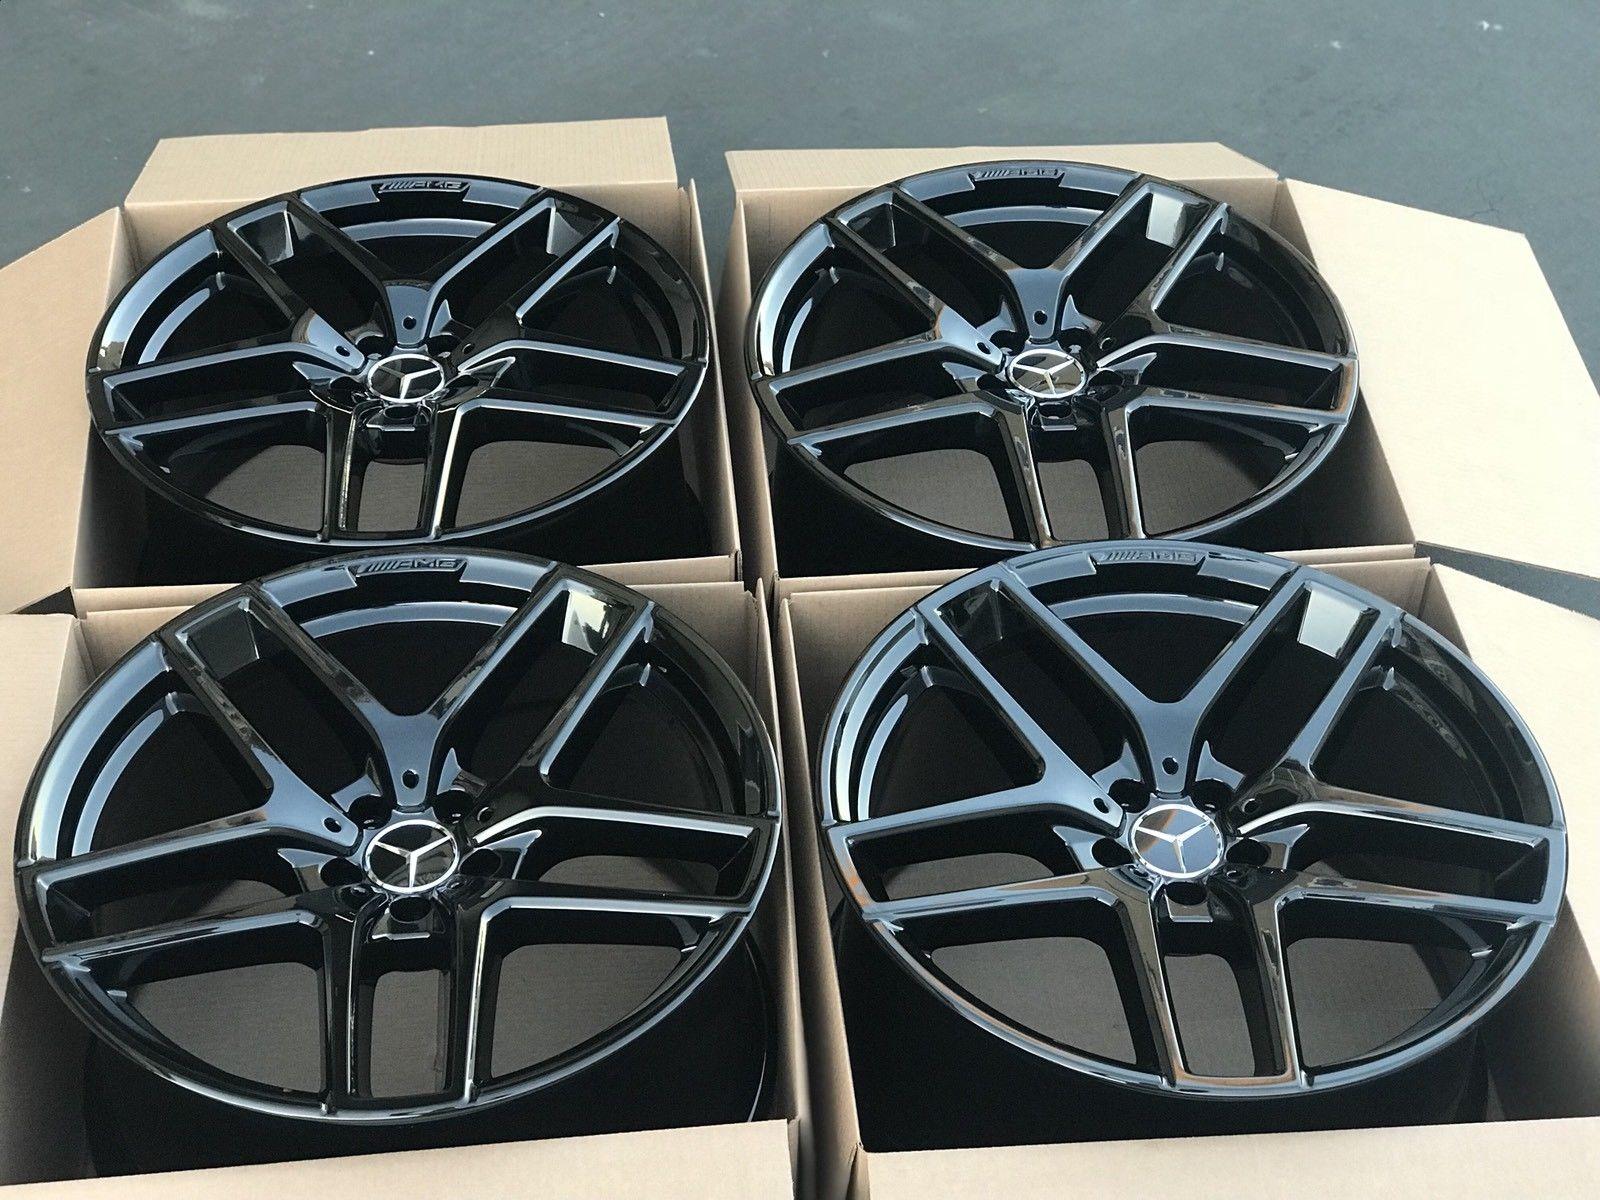 Amazing 21 Mercedes Gle Factory Amg Wheels Oem Rims Gle63